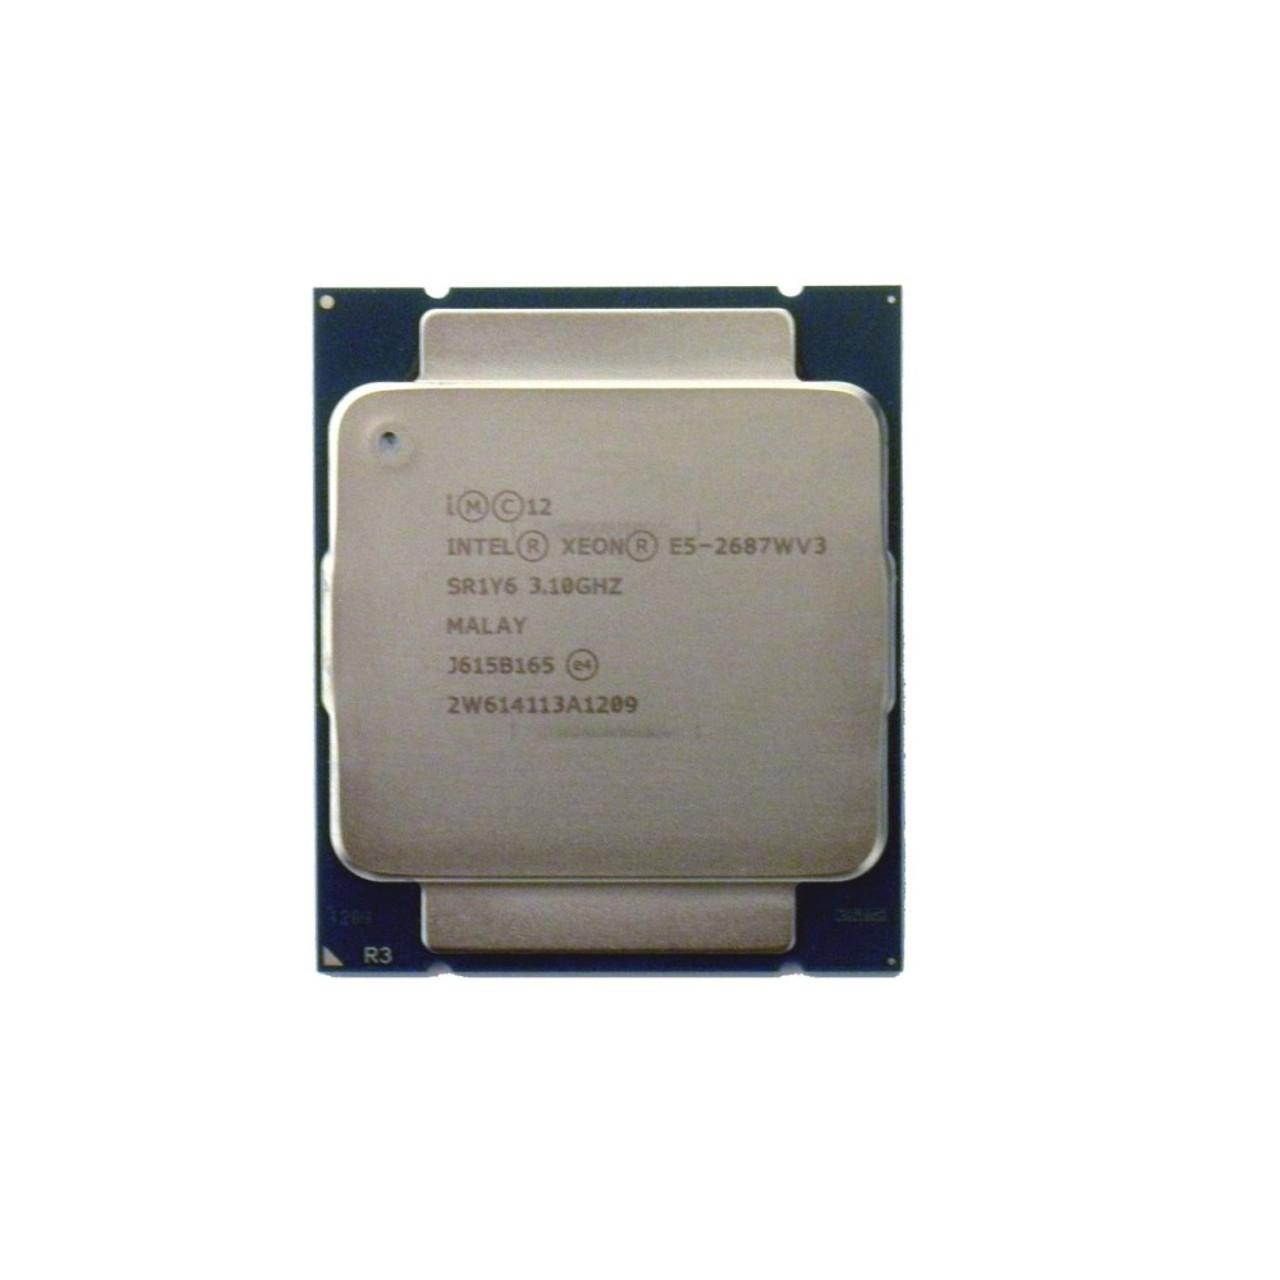 Intel Xeon E5-2650 2.0GHz 8-Core SR0KQ CPU Processor